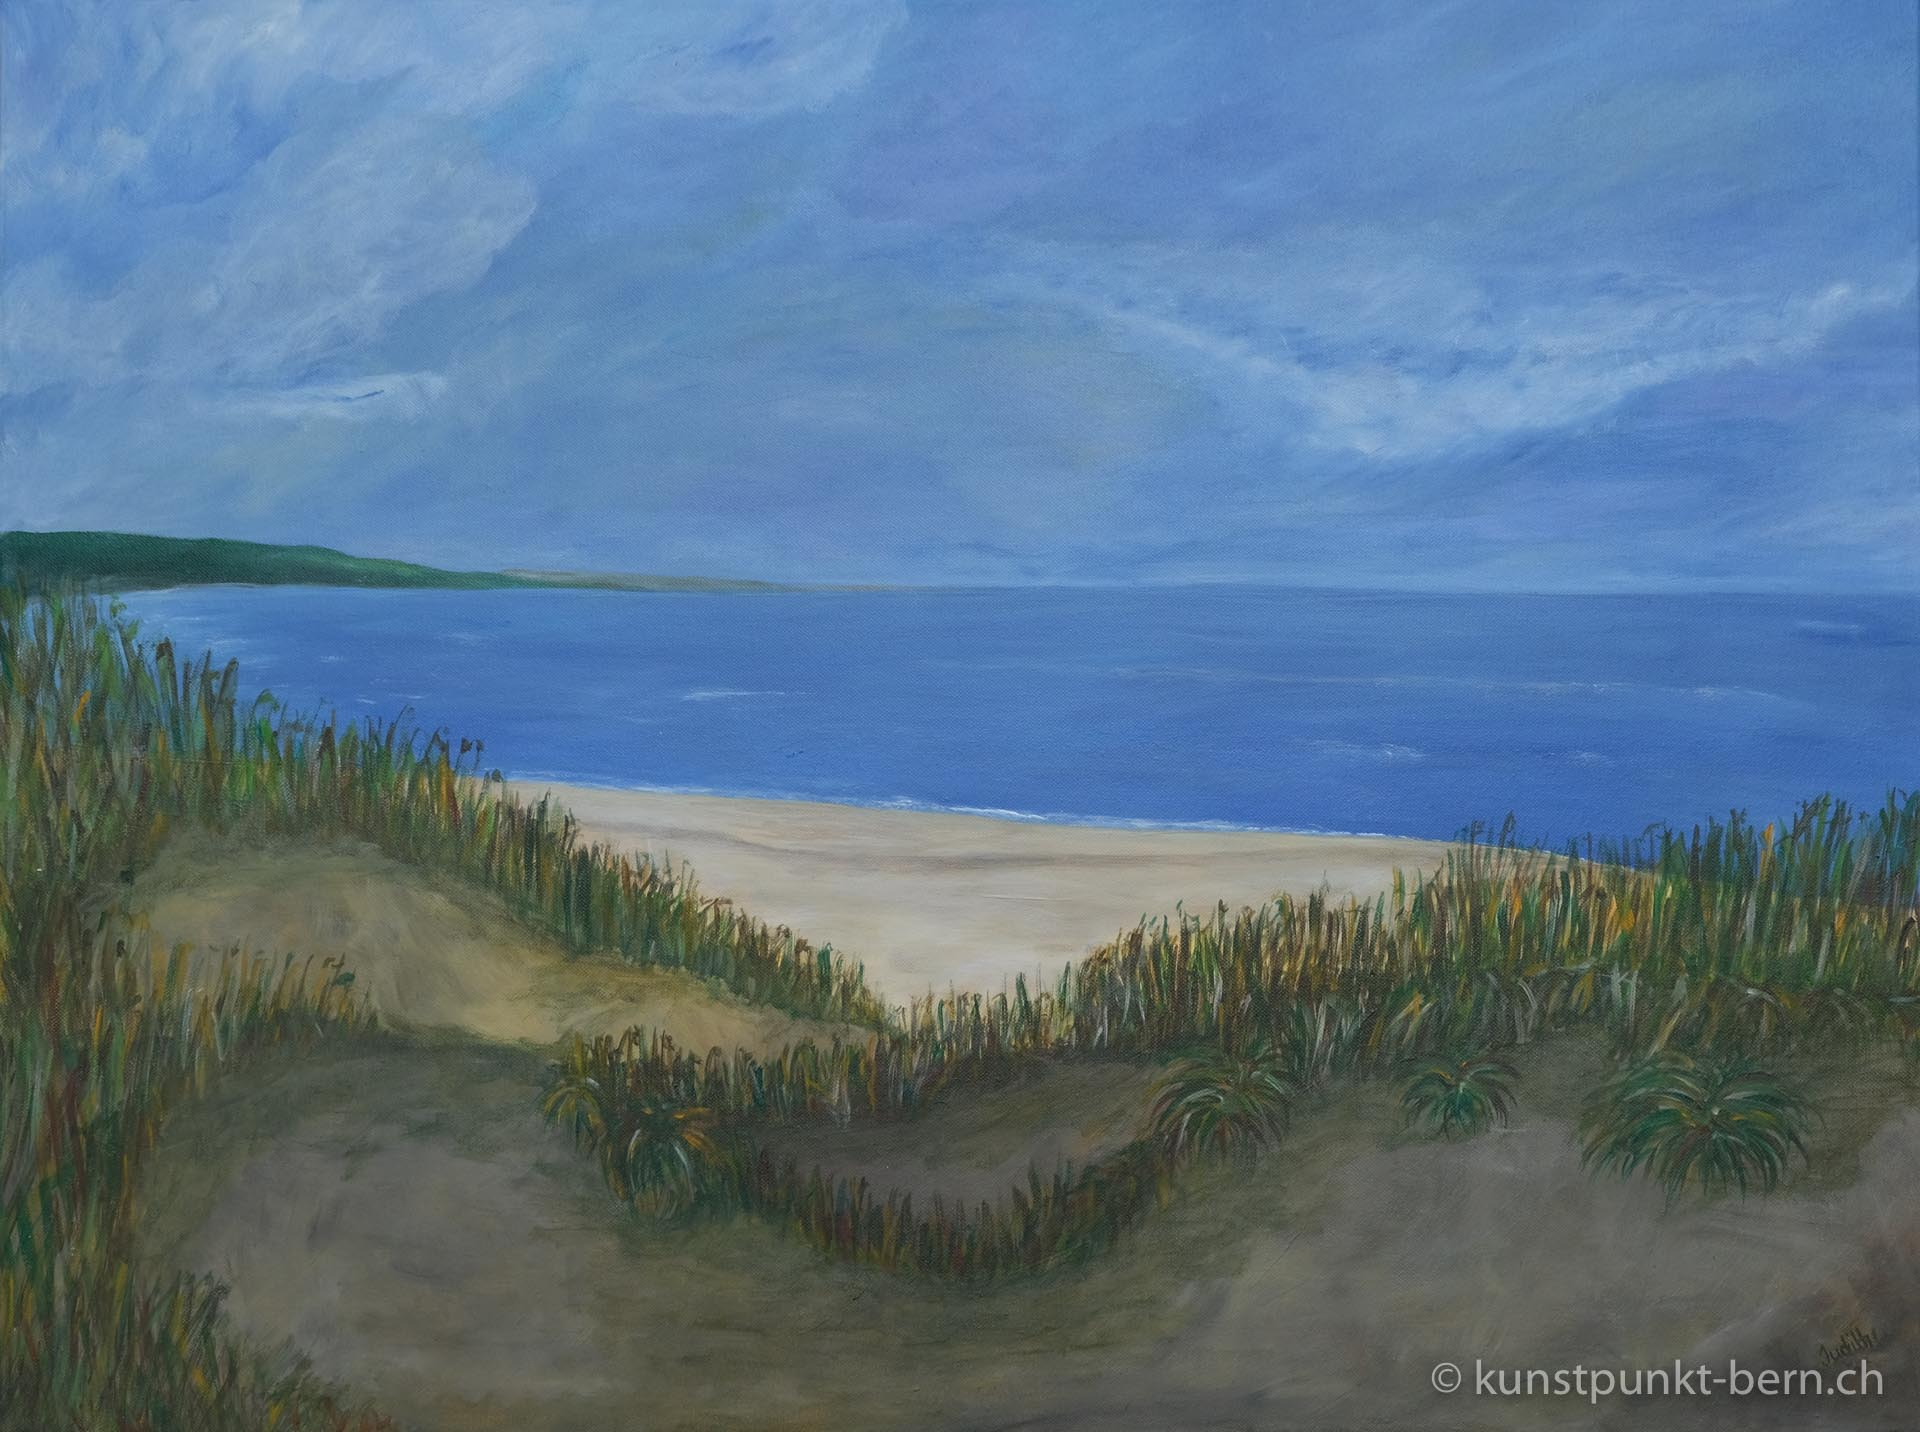 Strandhafer - Acryl auf Leinwand - von Judith Kaffka - kunstpunkt-bern.ch